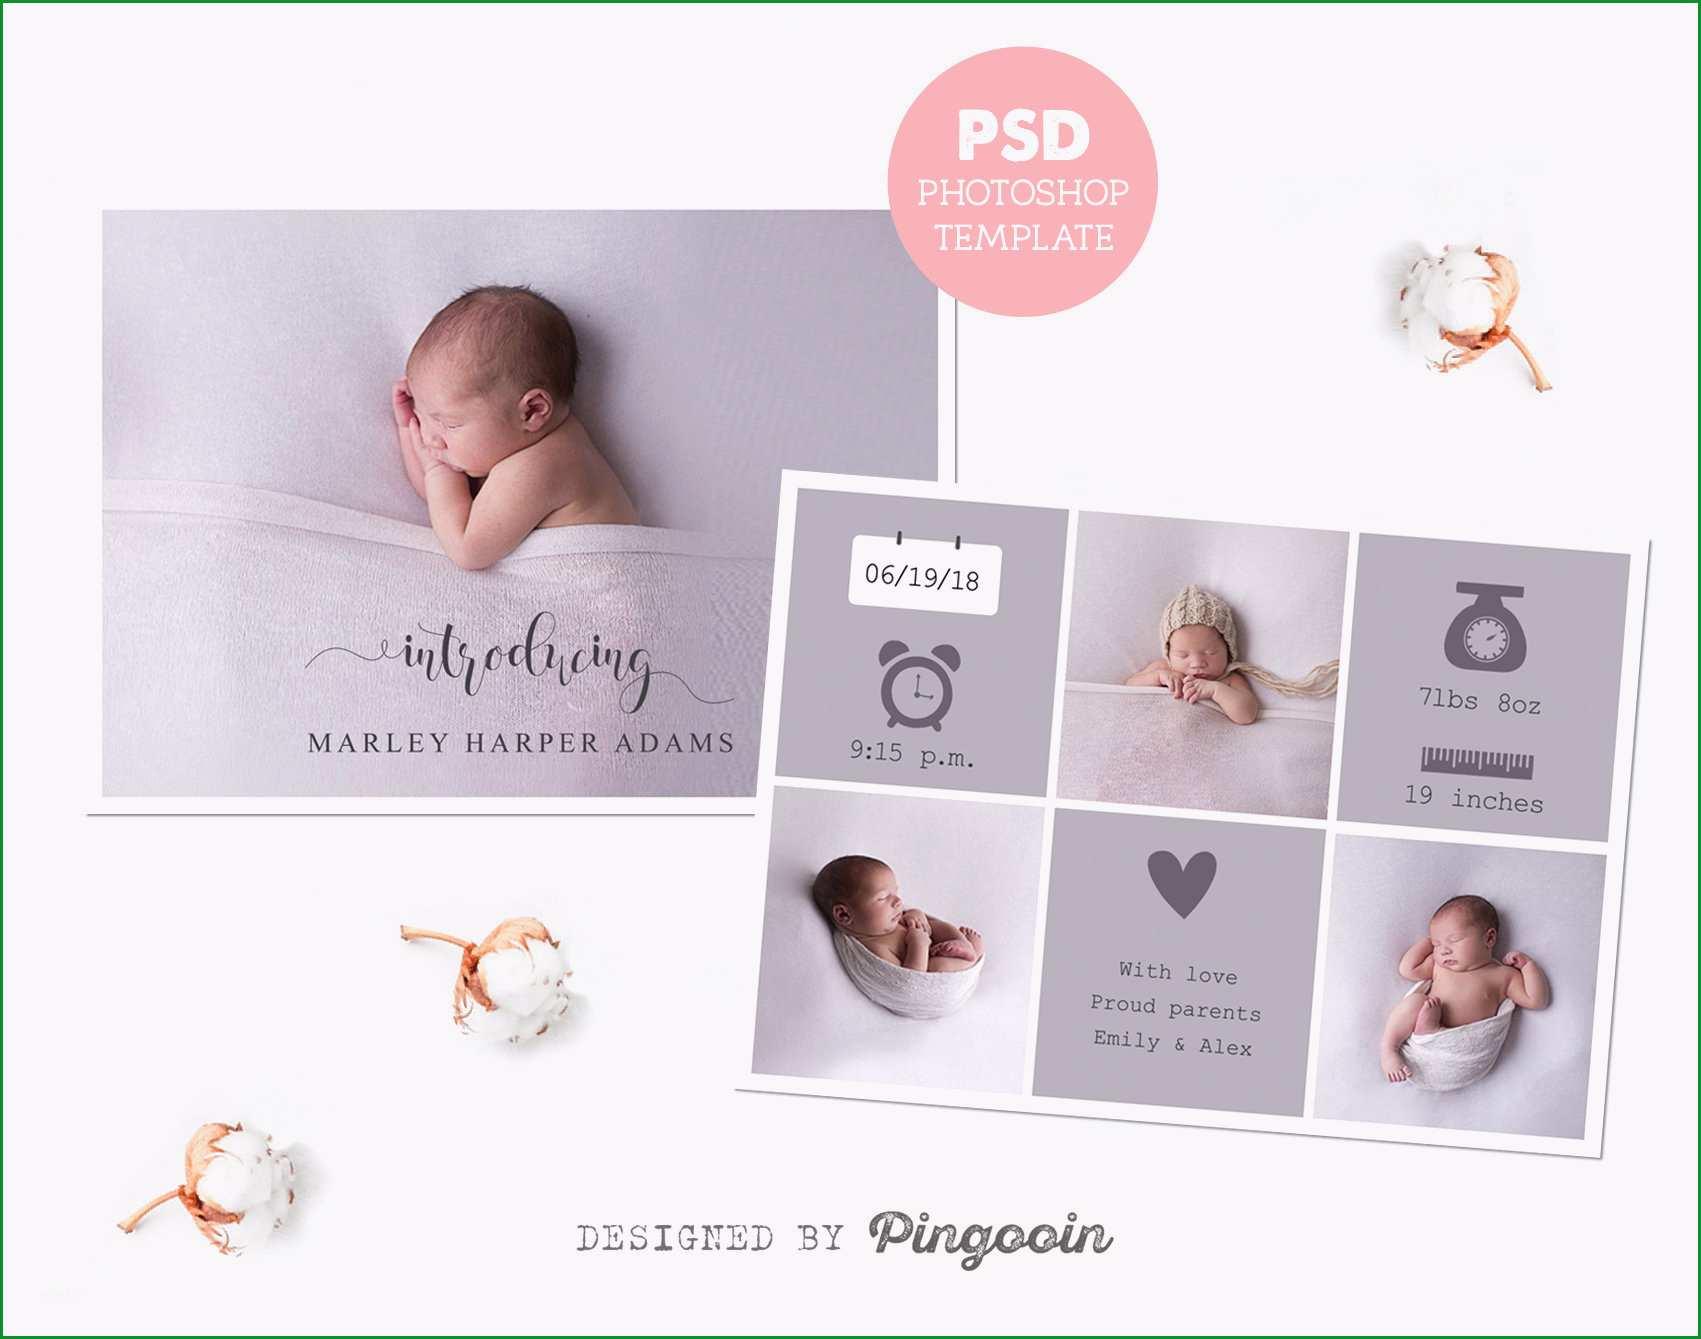 geburt ankundigung vorlage neugeborenen